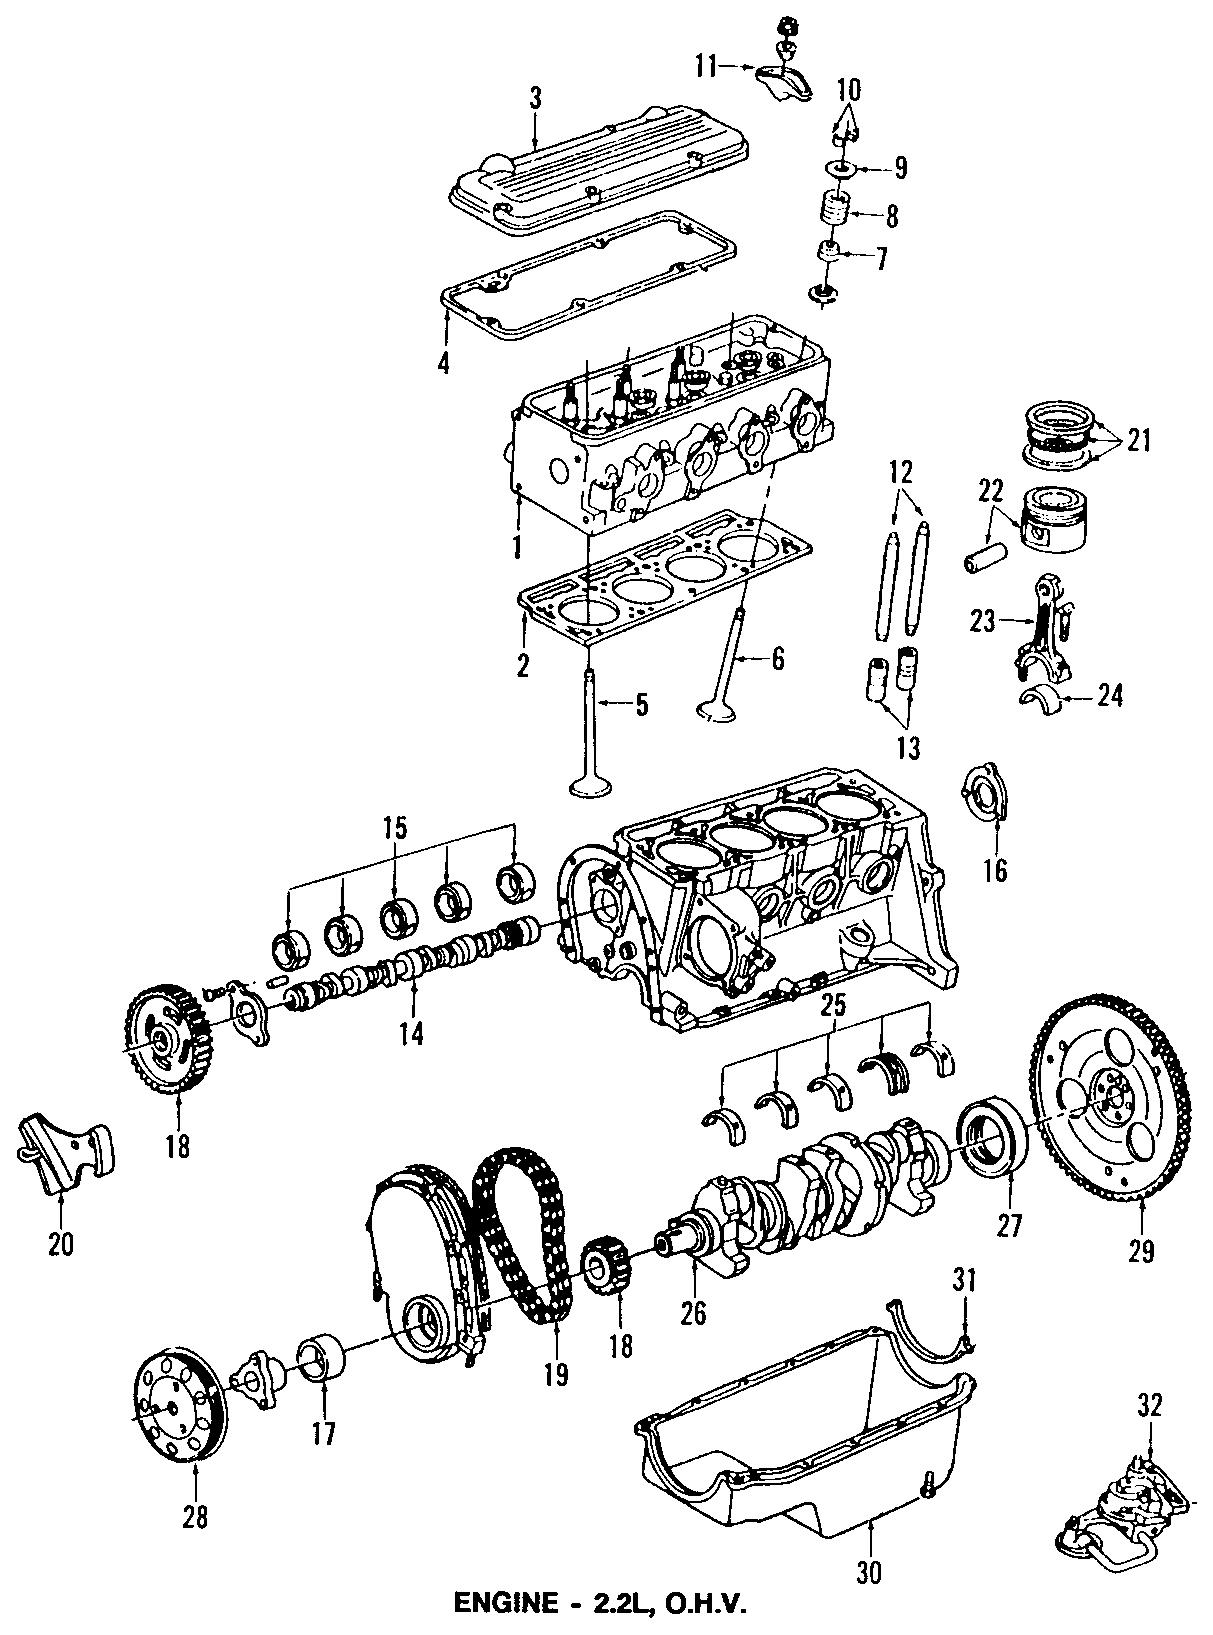 Chevrolet S10 Gasket. Engine camshaft & balance shaft hole